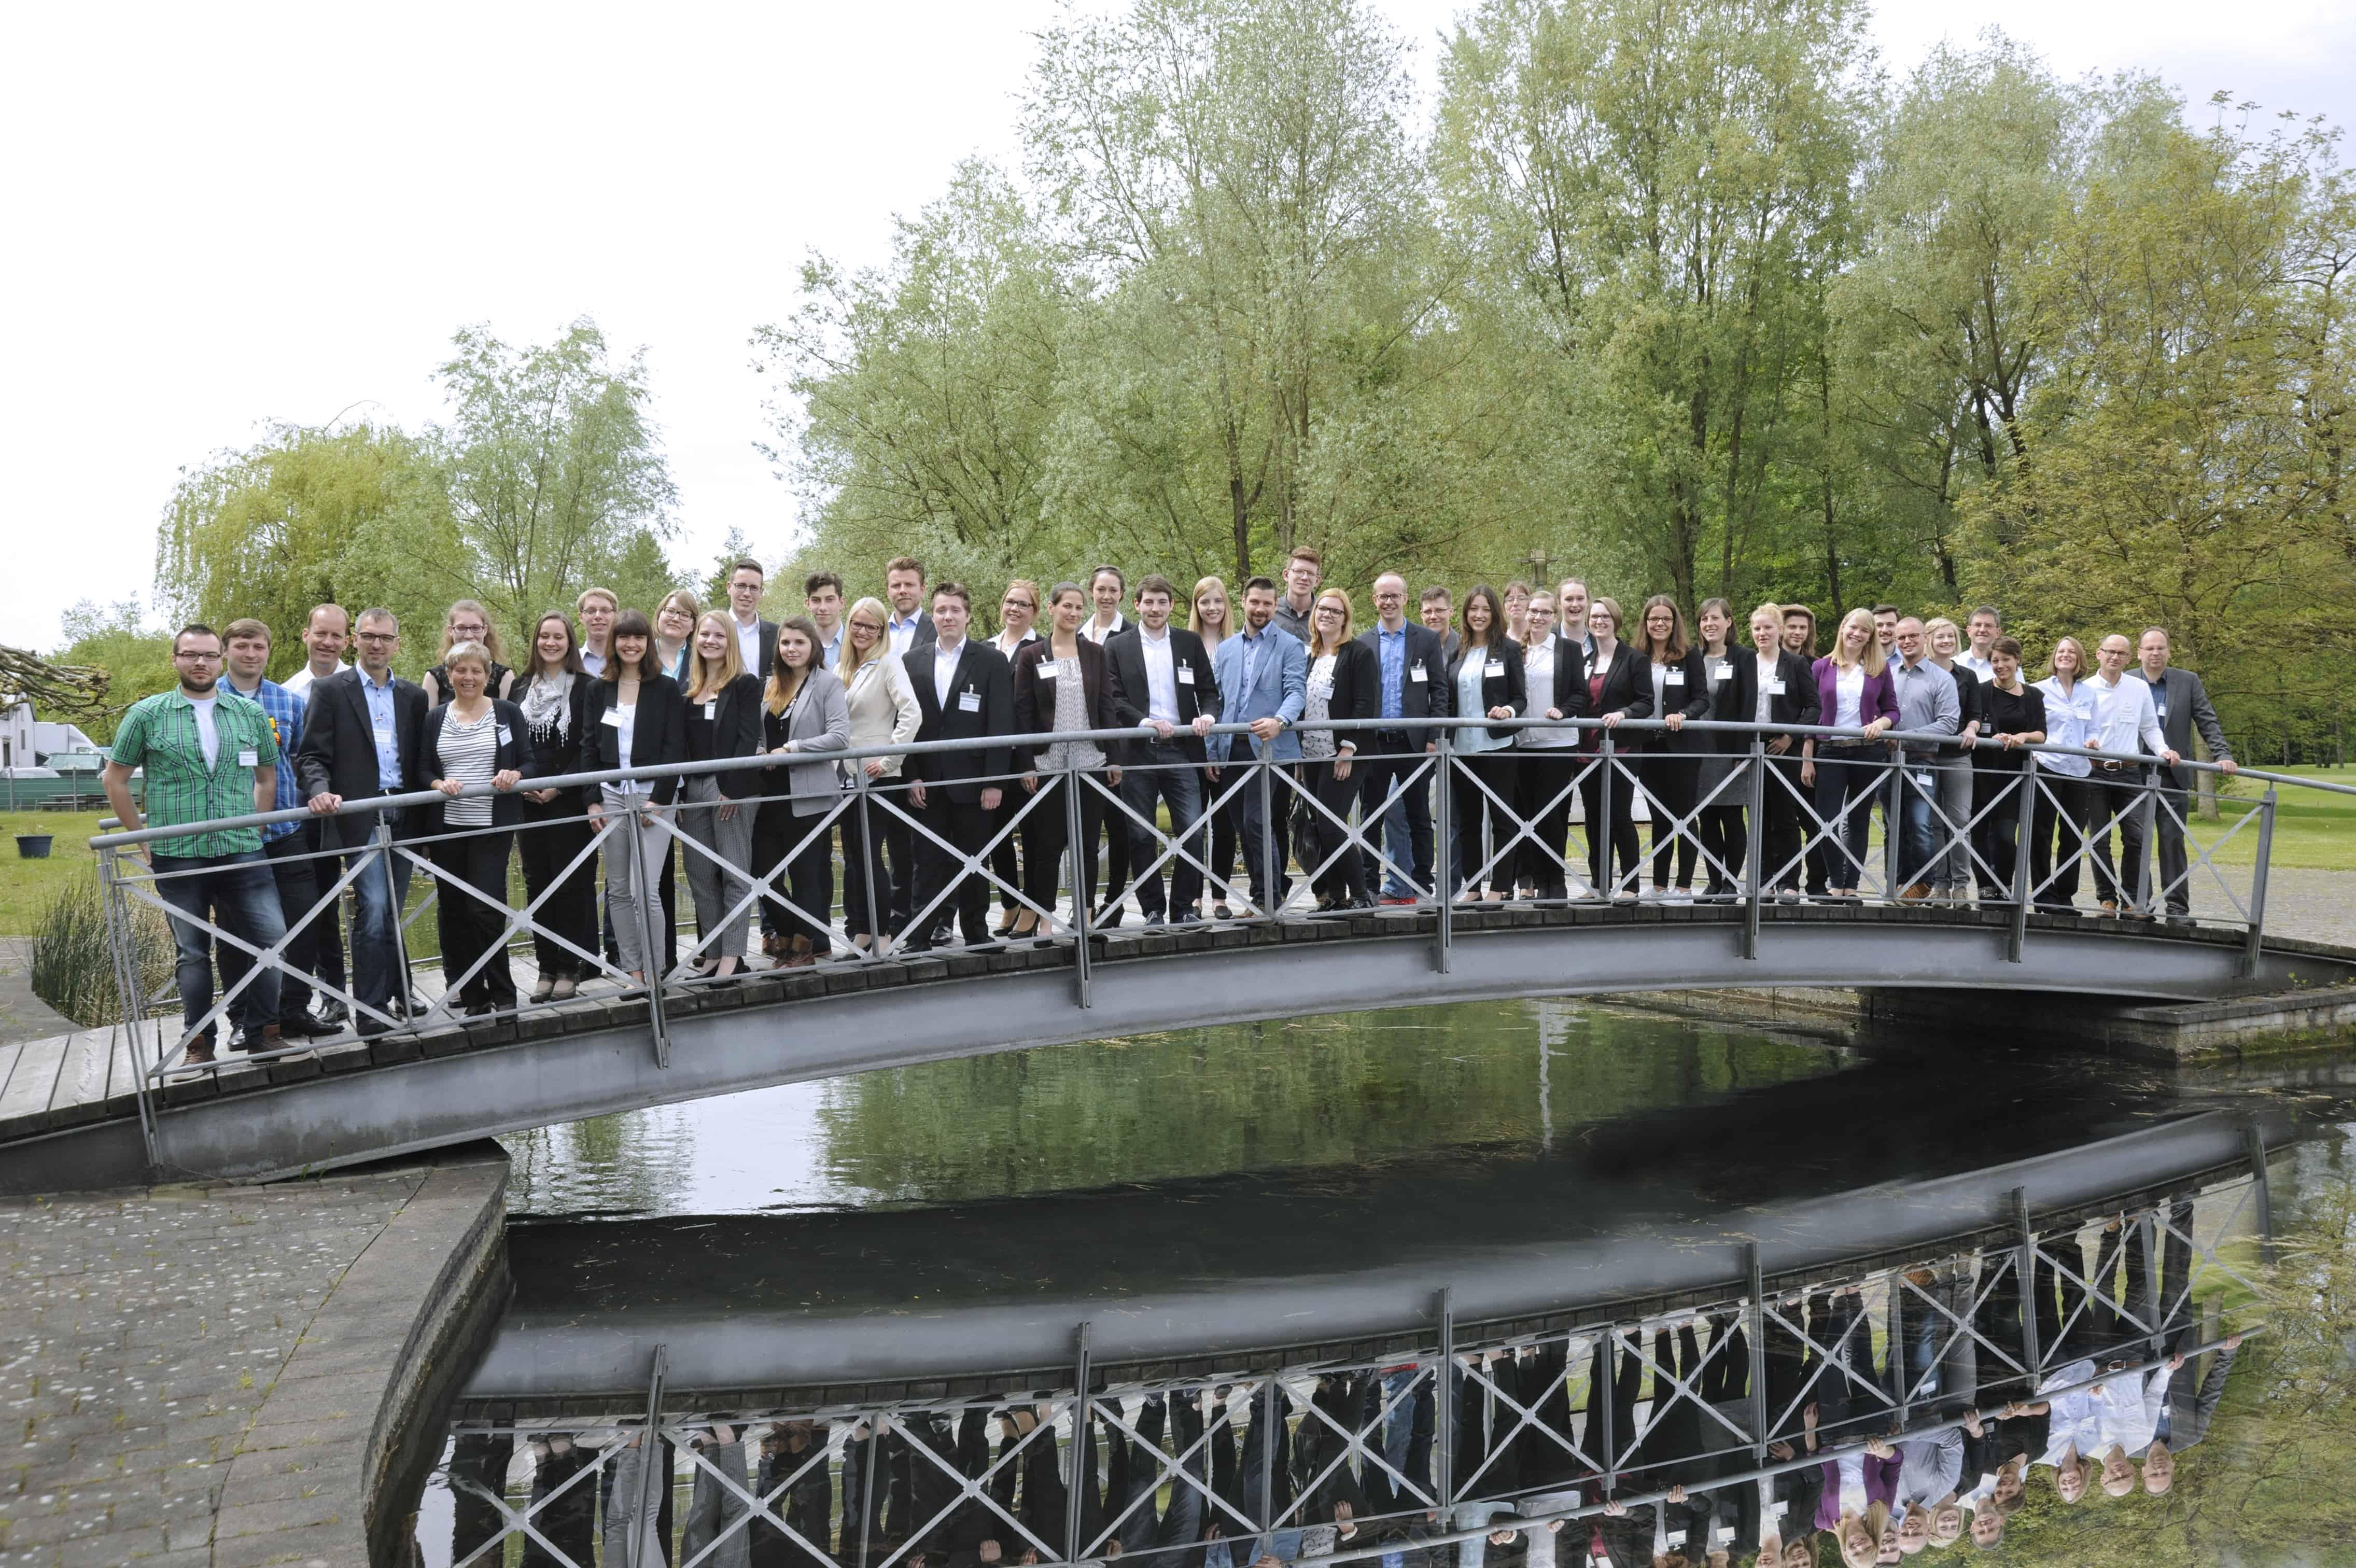 Gruppenbild der Teilnehmer des 10. TANNER Hochschulwettbewerbs